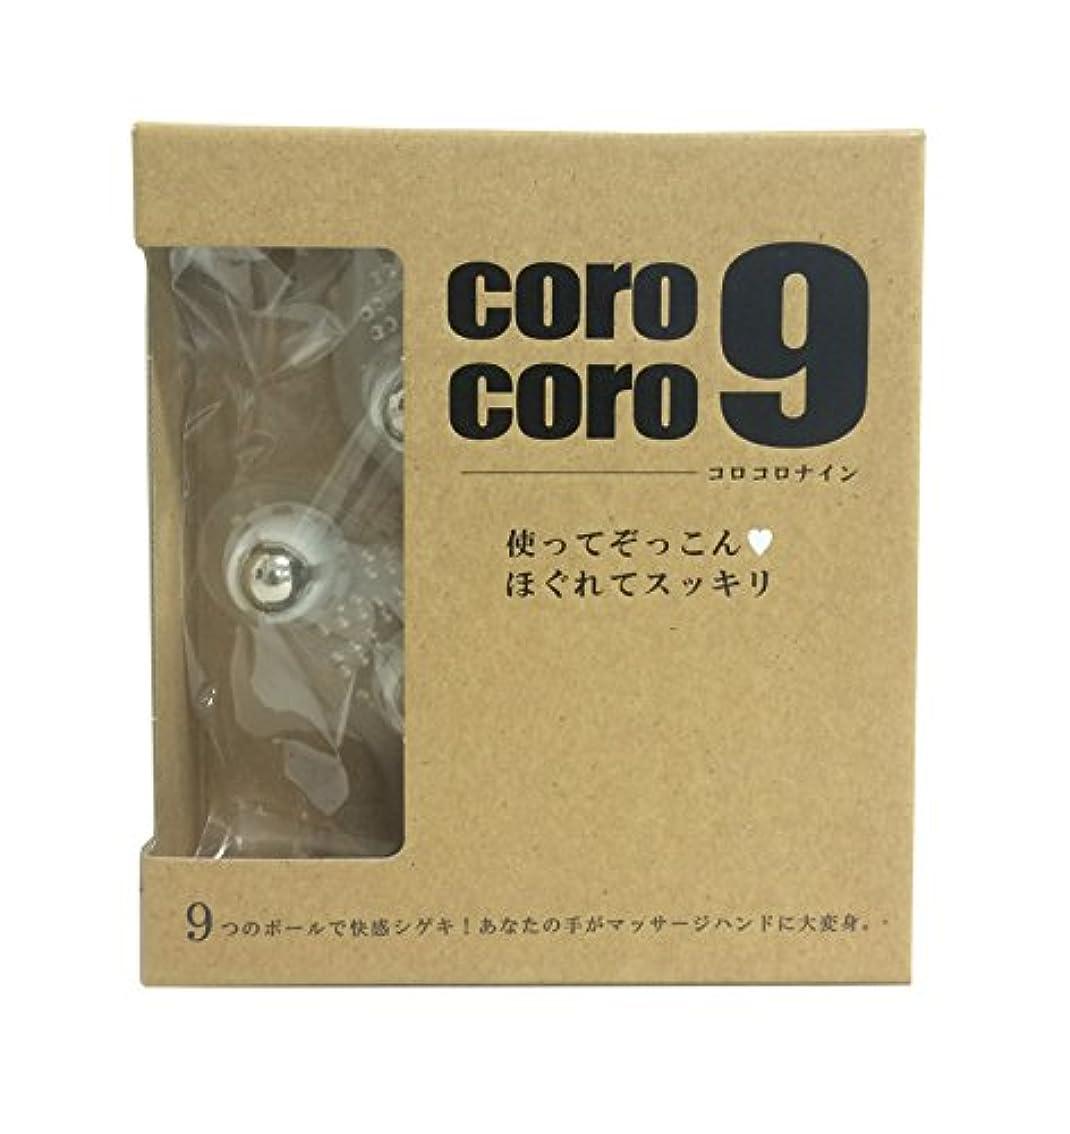 鋸歯状感染する追放するReシリーズ CoroCoro9 クリア